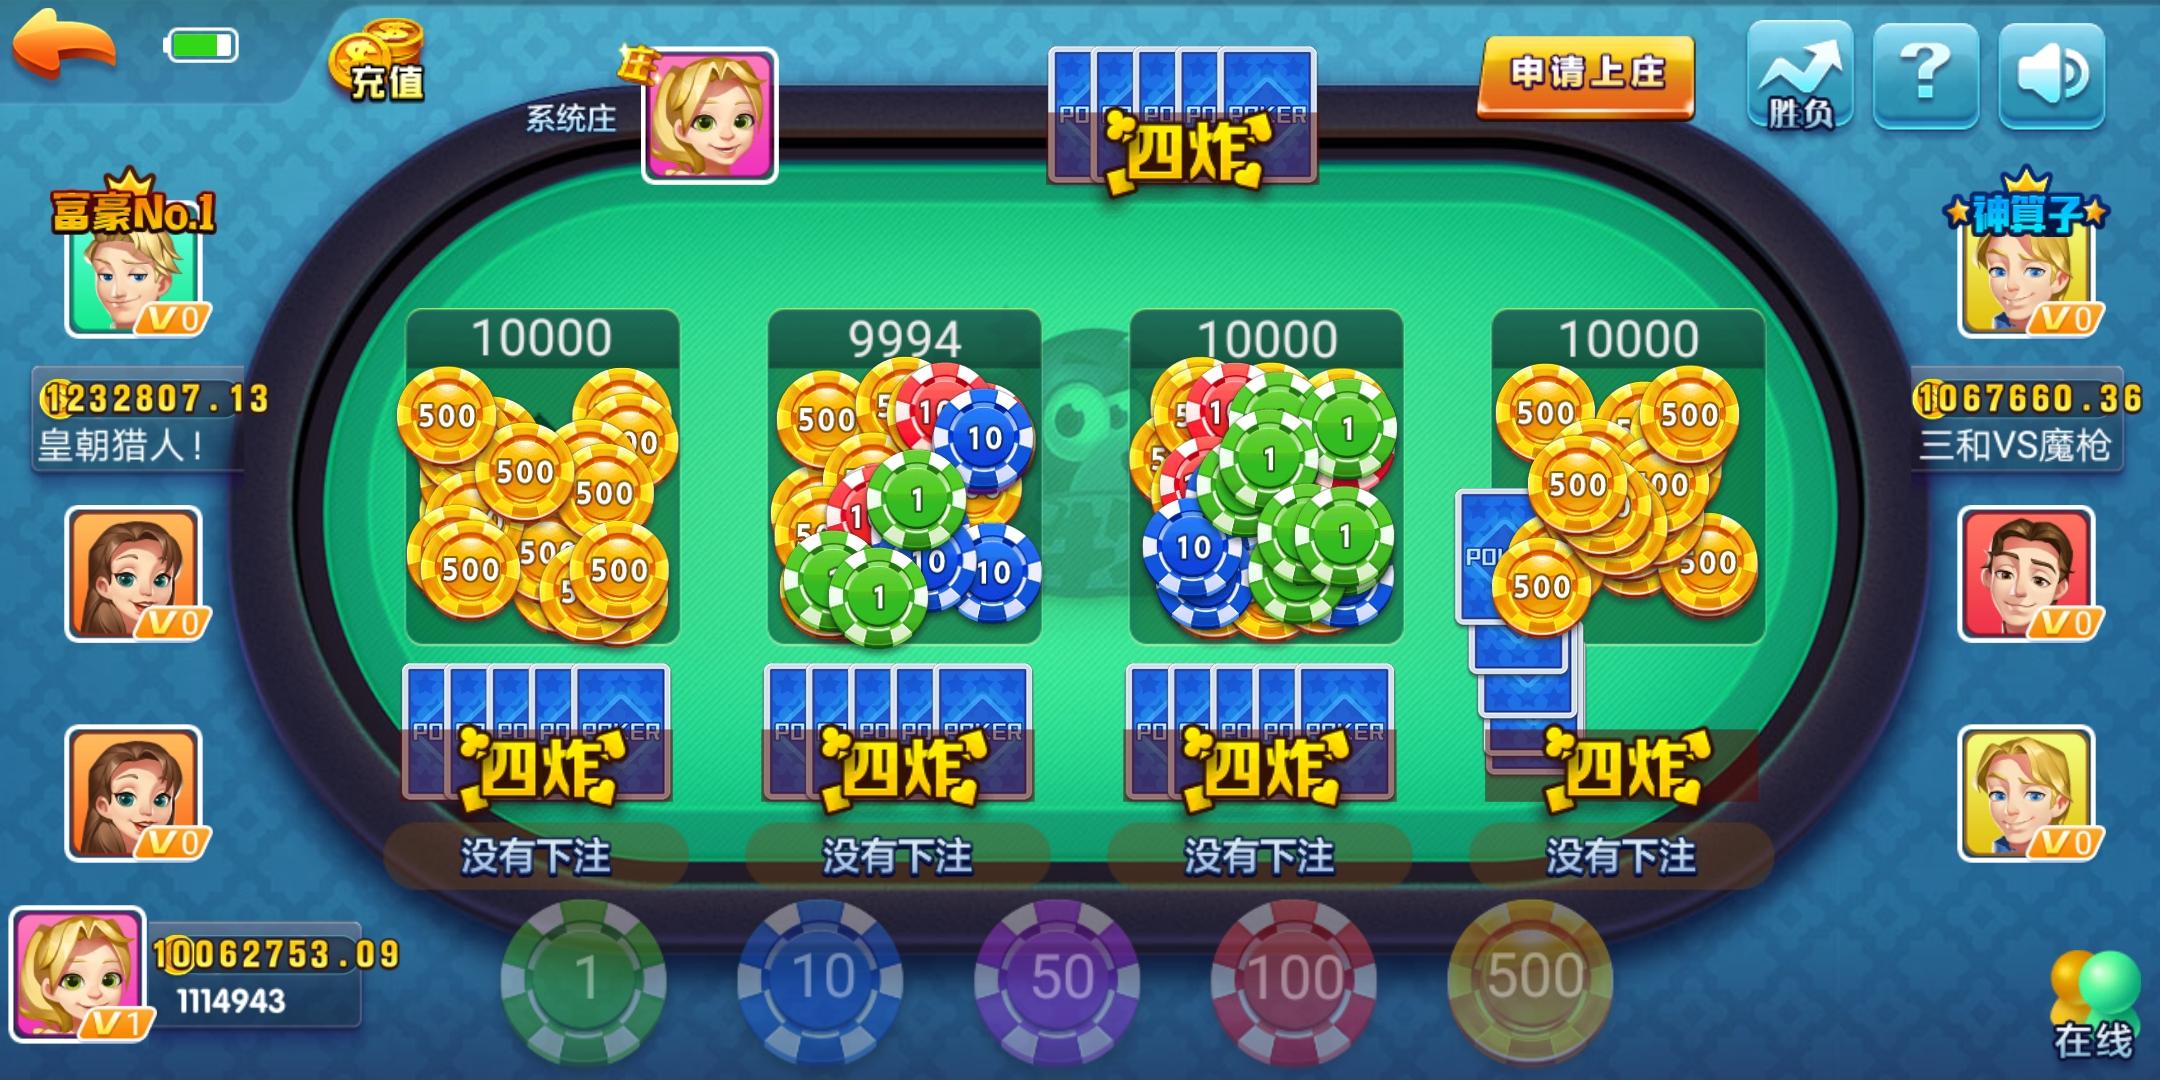 火萤蓝月版本定制类棋牌游戏开发,棋牌app开发全套服务